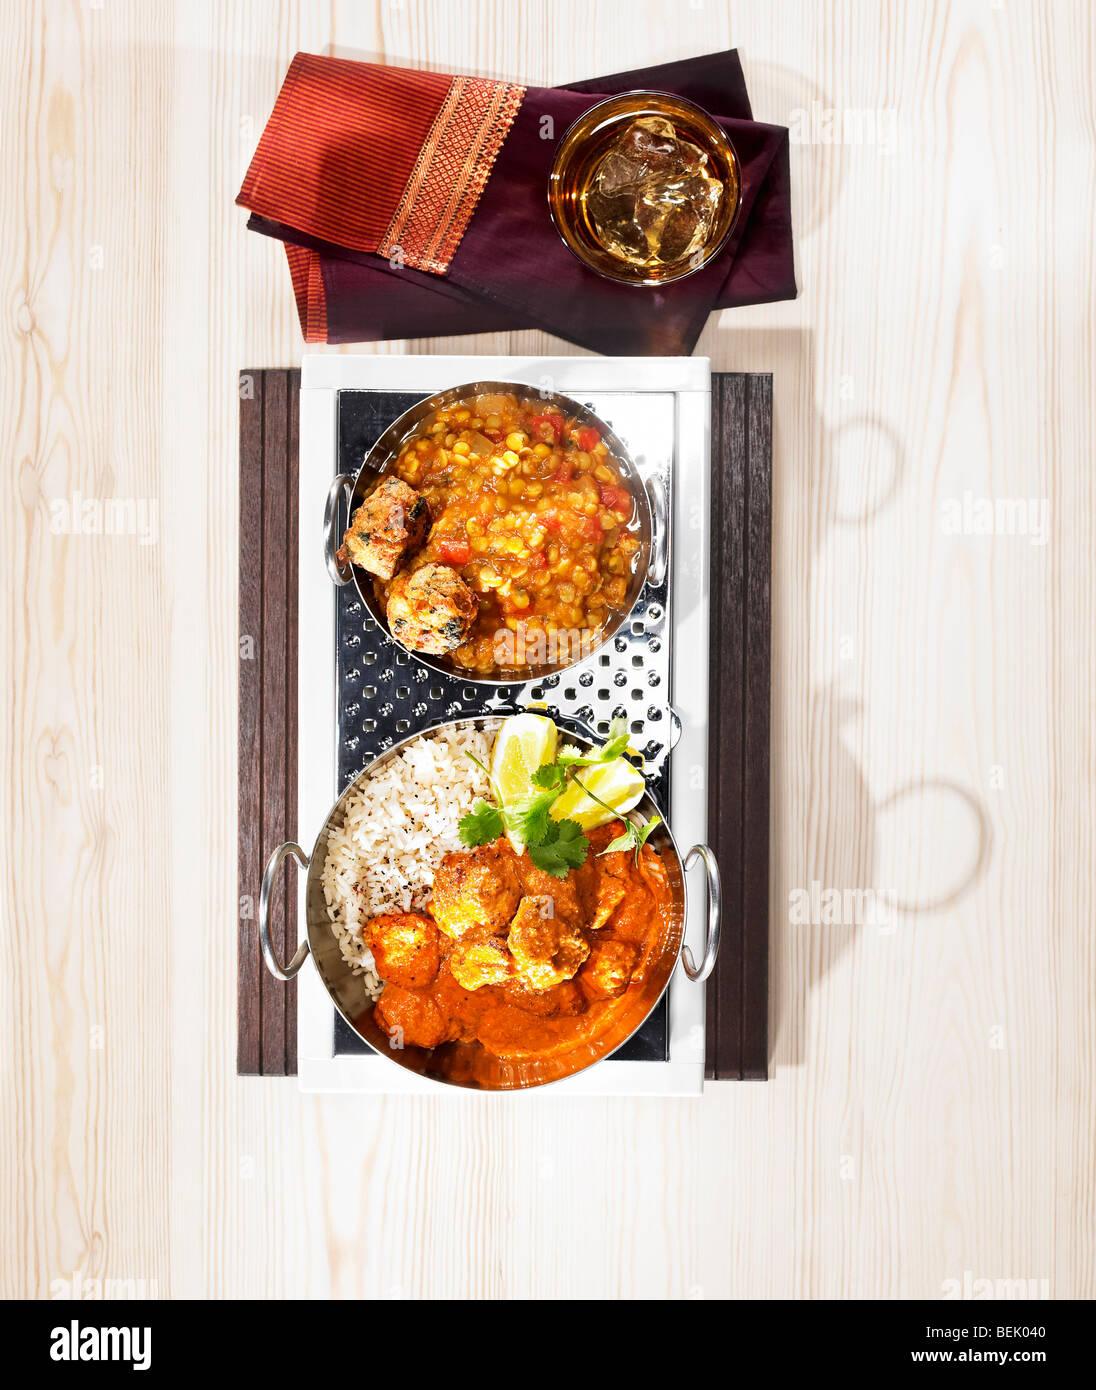 Cuisine indienne, un plat de poulet tikka masala servi avec des lentilles et de bhajji. Photo Stock